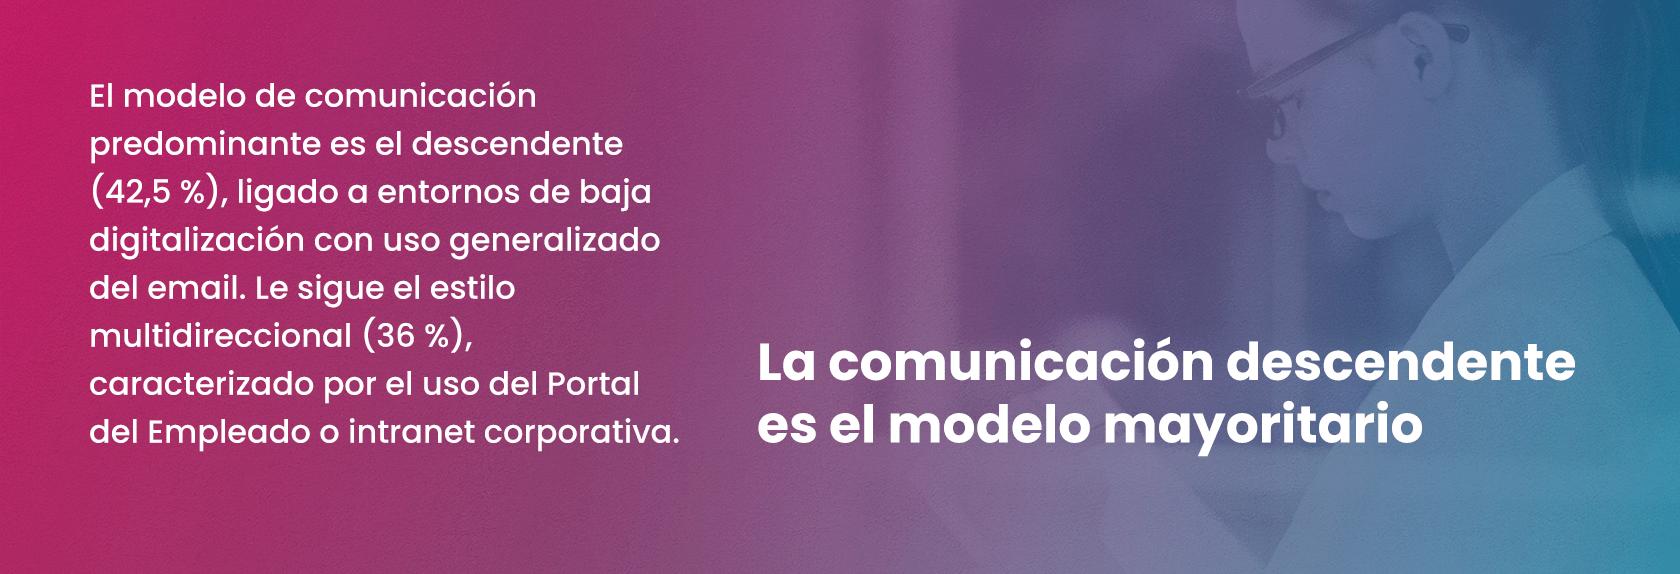 La comunicación descendente es el modelo mayoritario